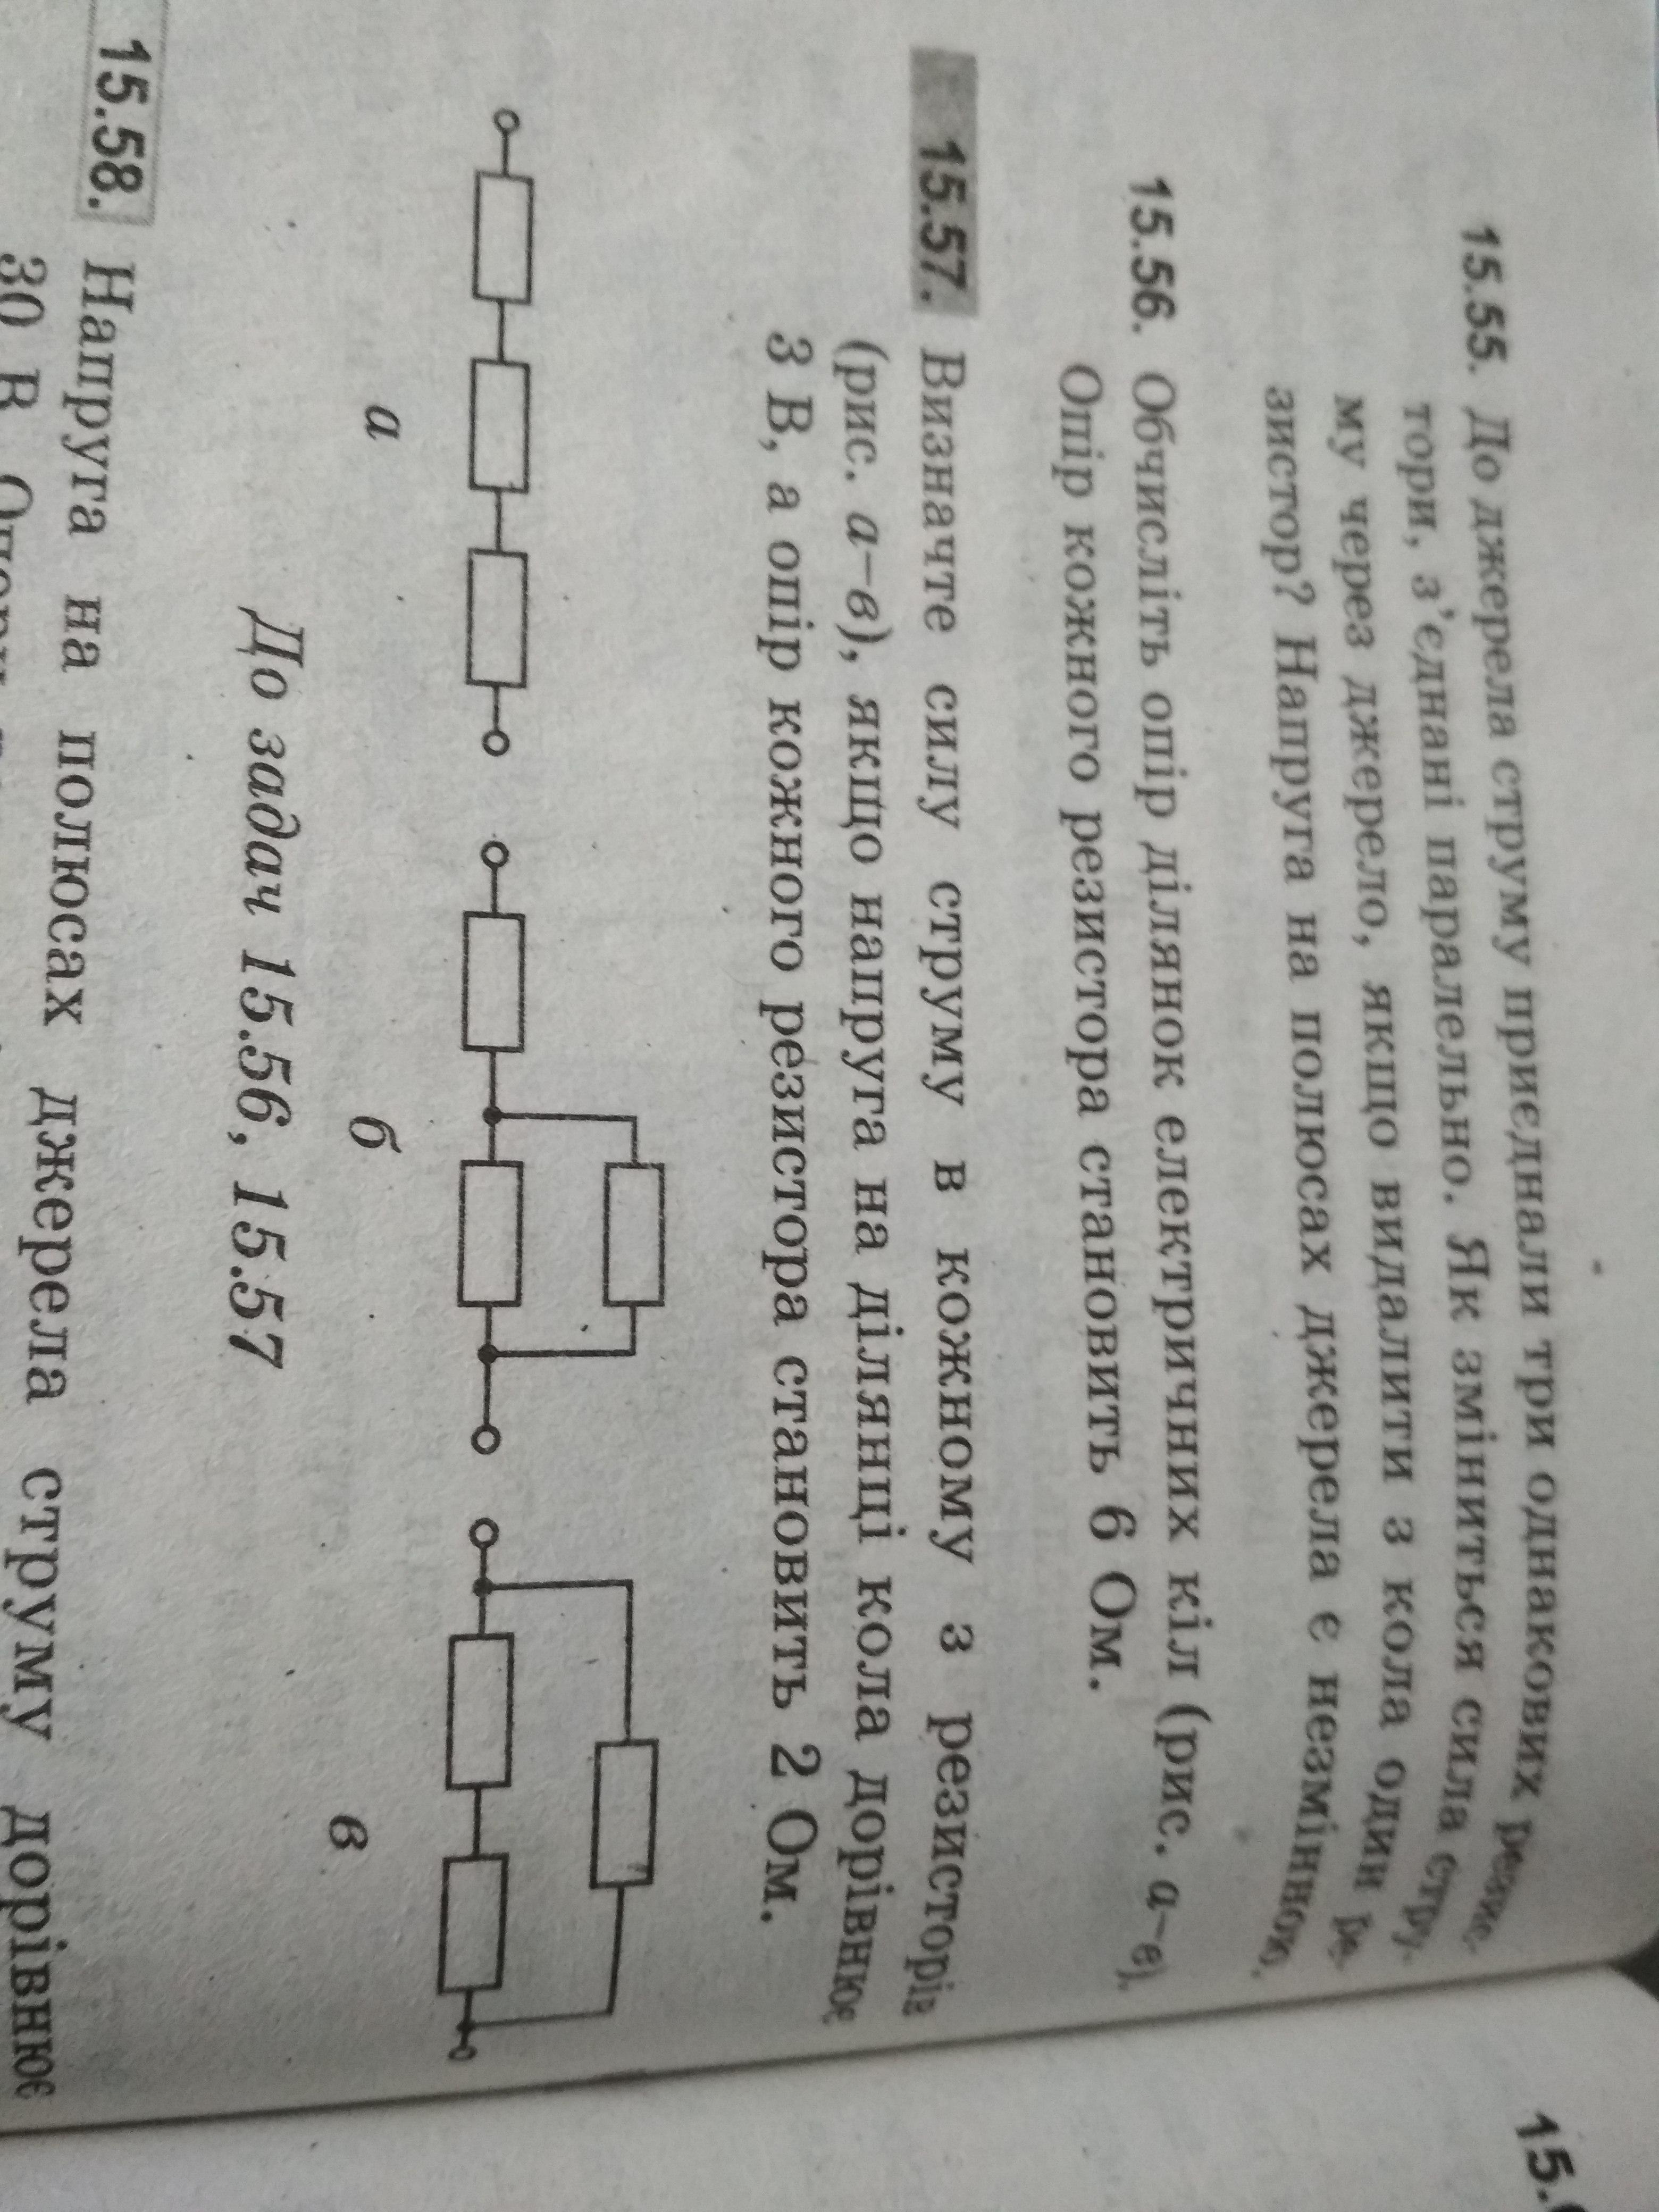 Визначте силу струму в кожному з резисторів (рис.